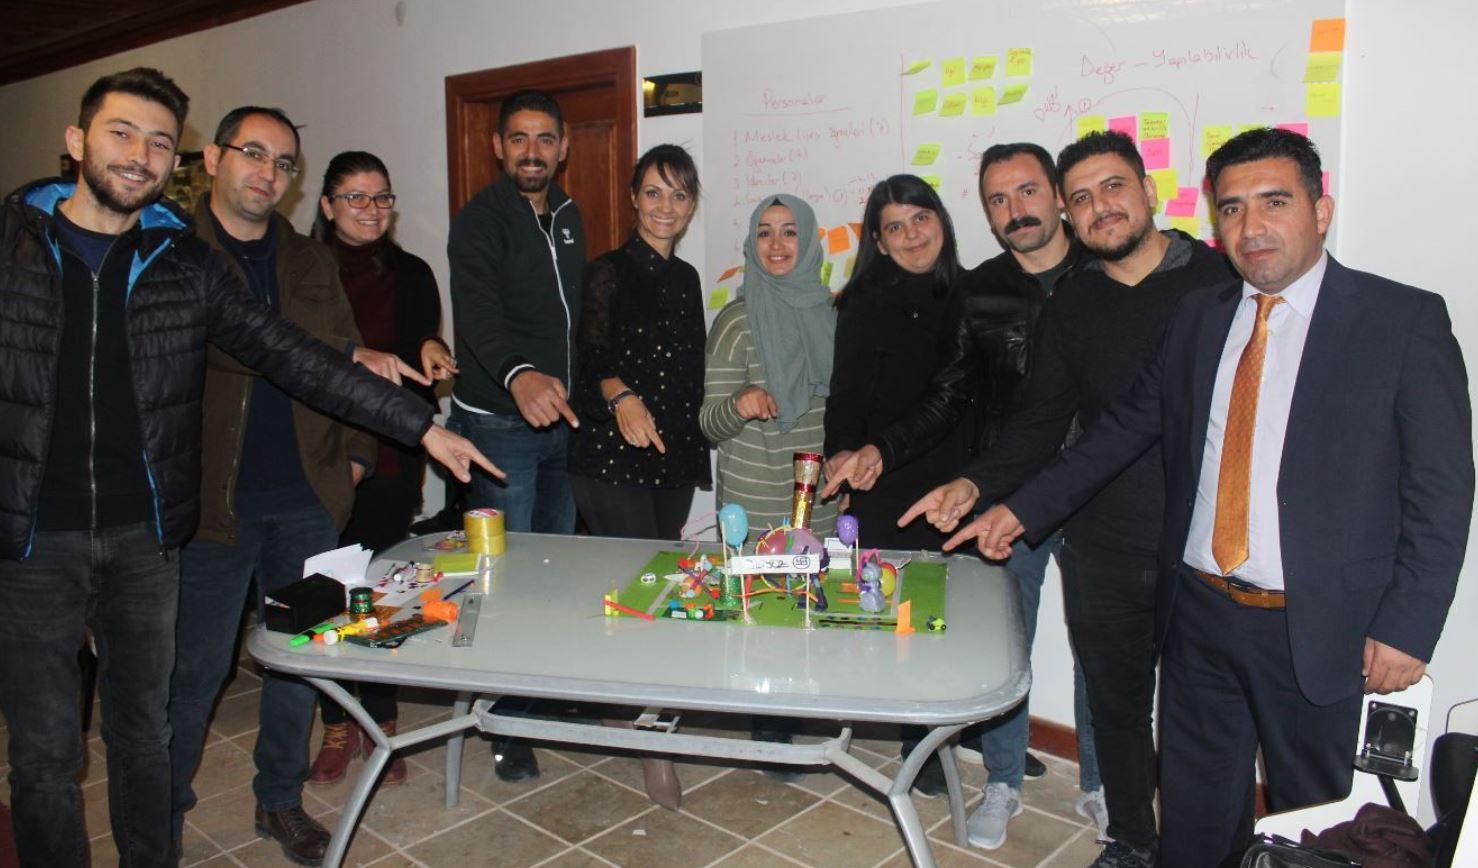 Yozgat Milli Eğitim Müdürlüğü&Oran Kalkınma Ajansı Design Thinking Eğitimi